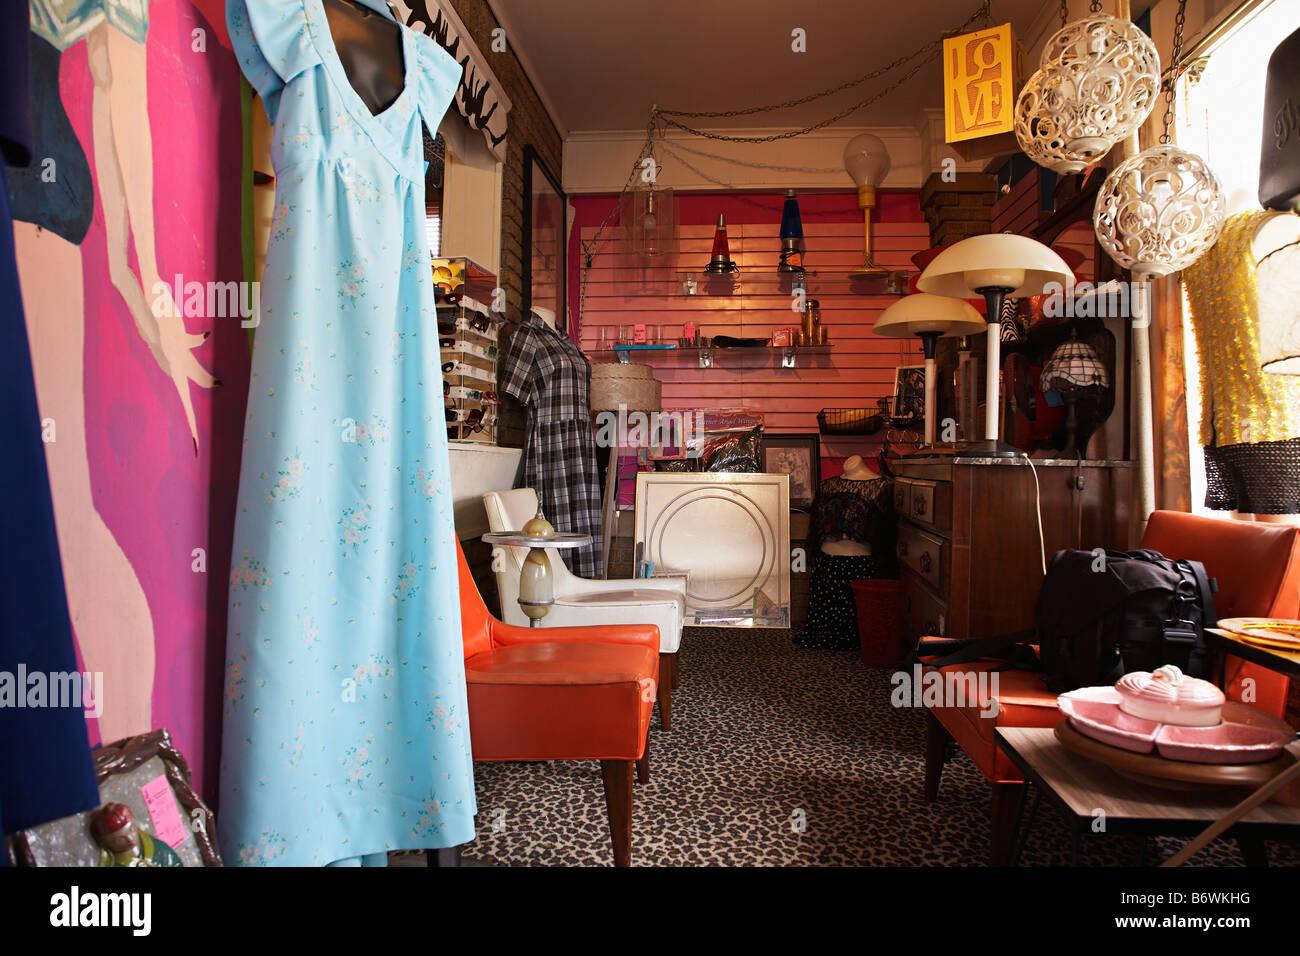 Kleidung und Möbel in überfüllten Second Hand Shop Stockbild